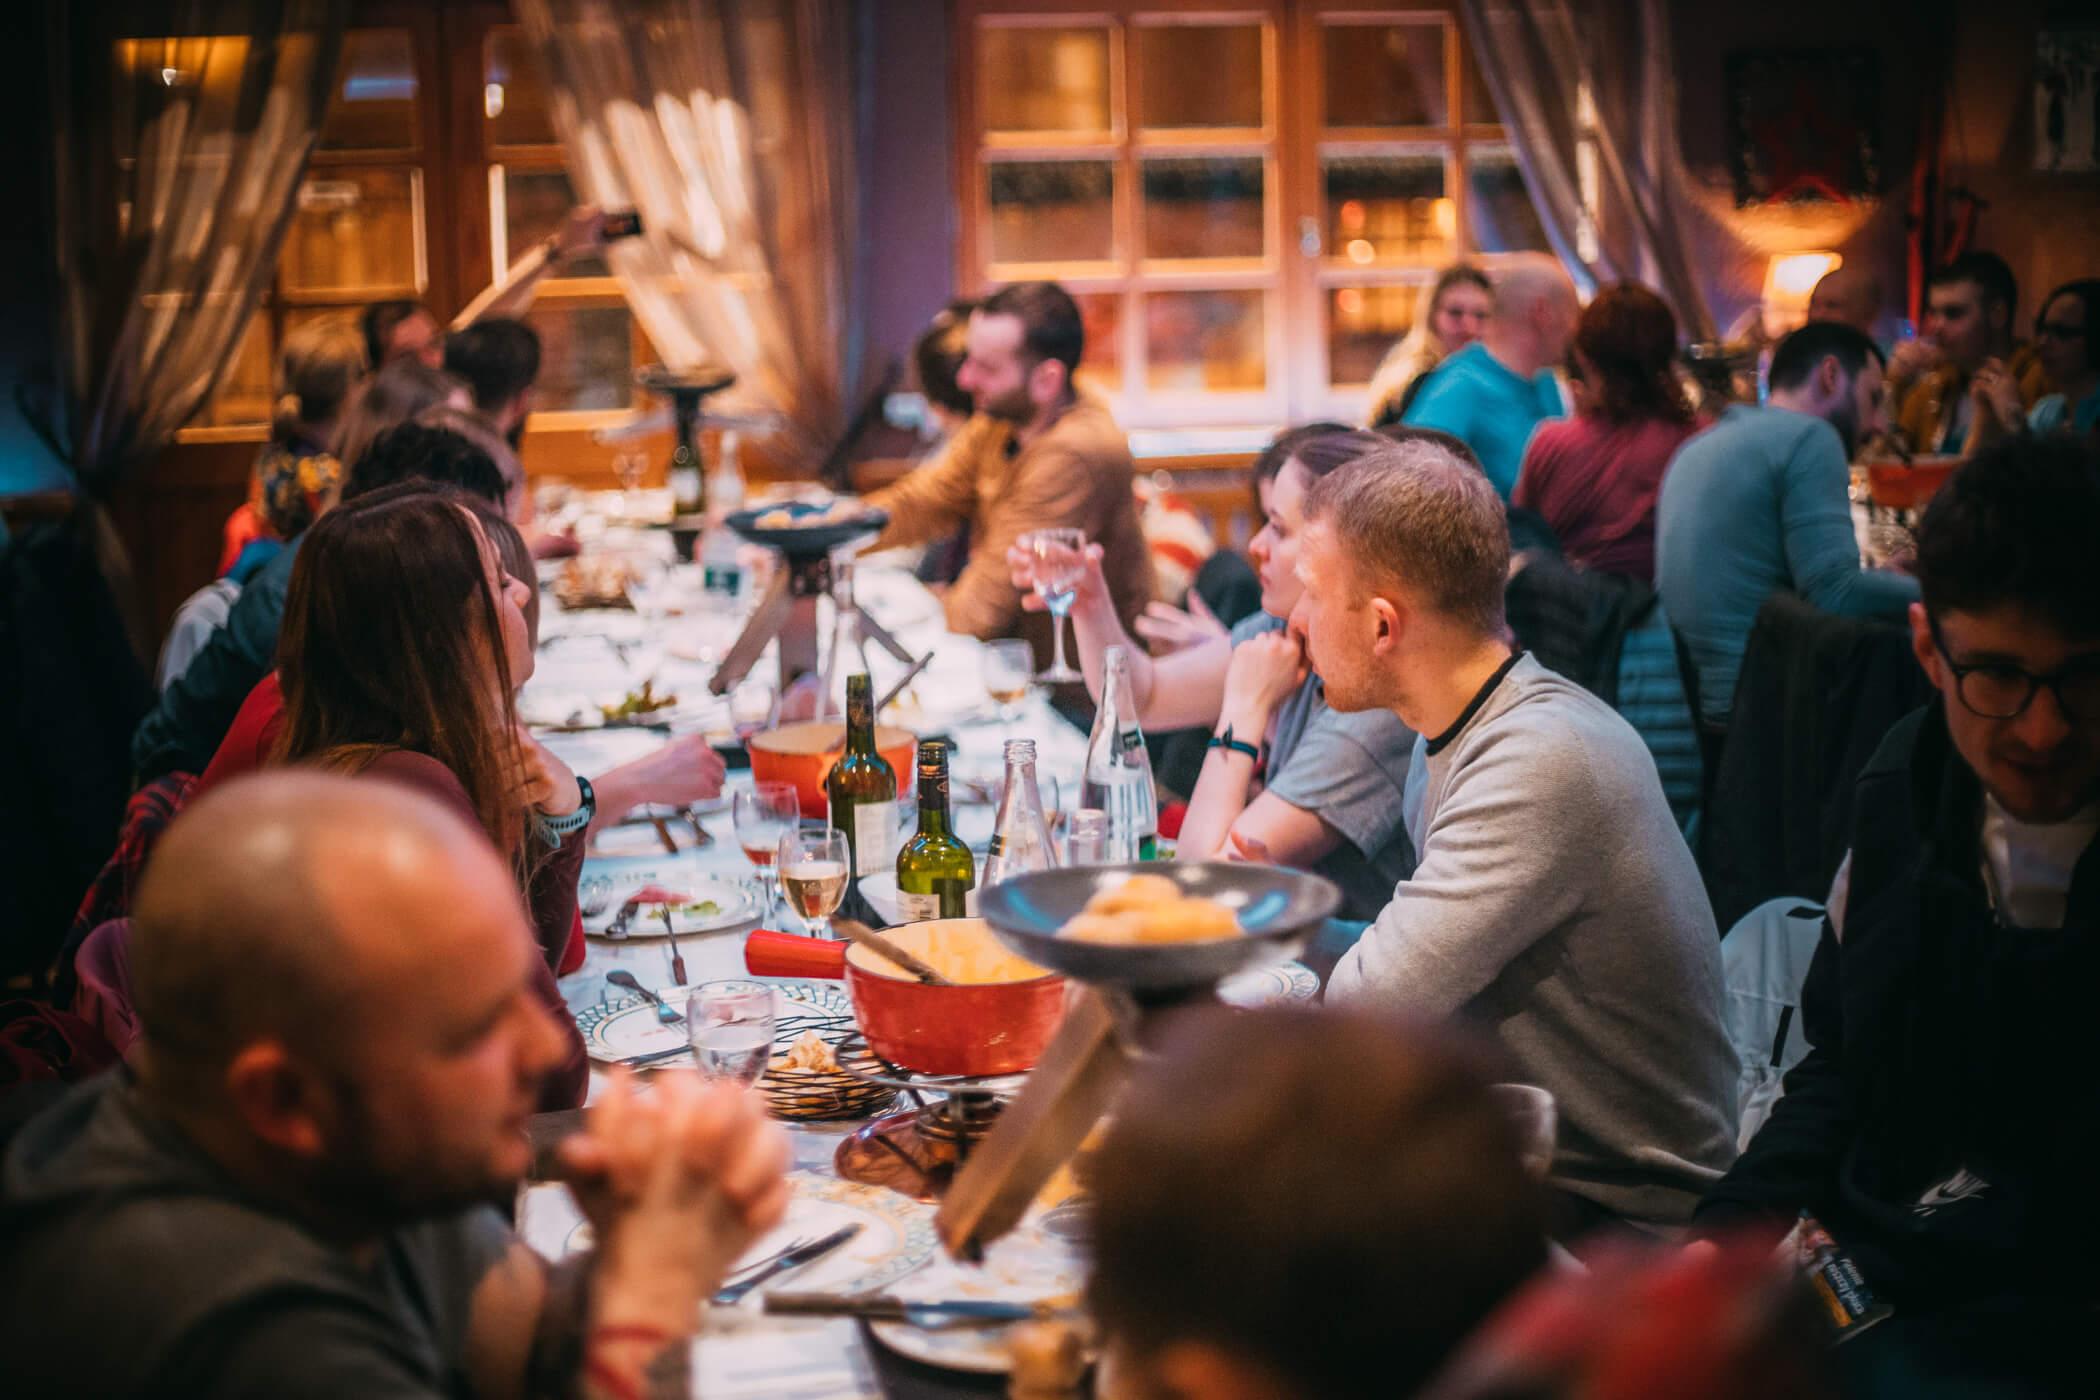 fondue raclette regional dinner